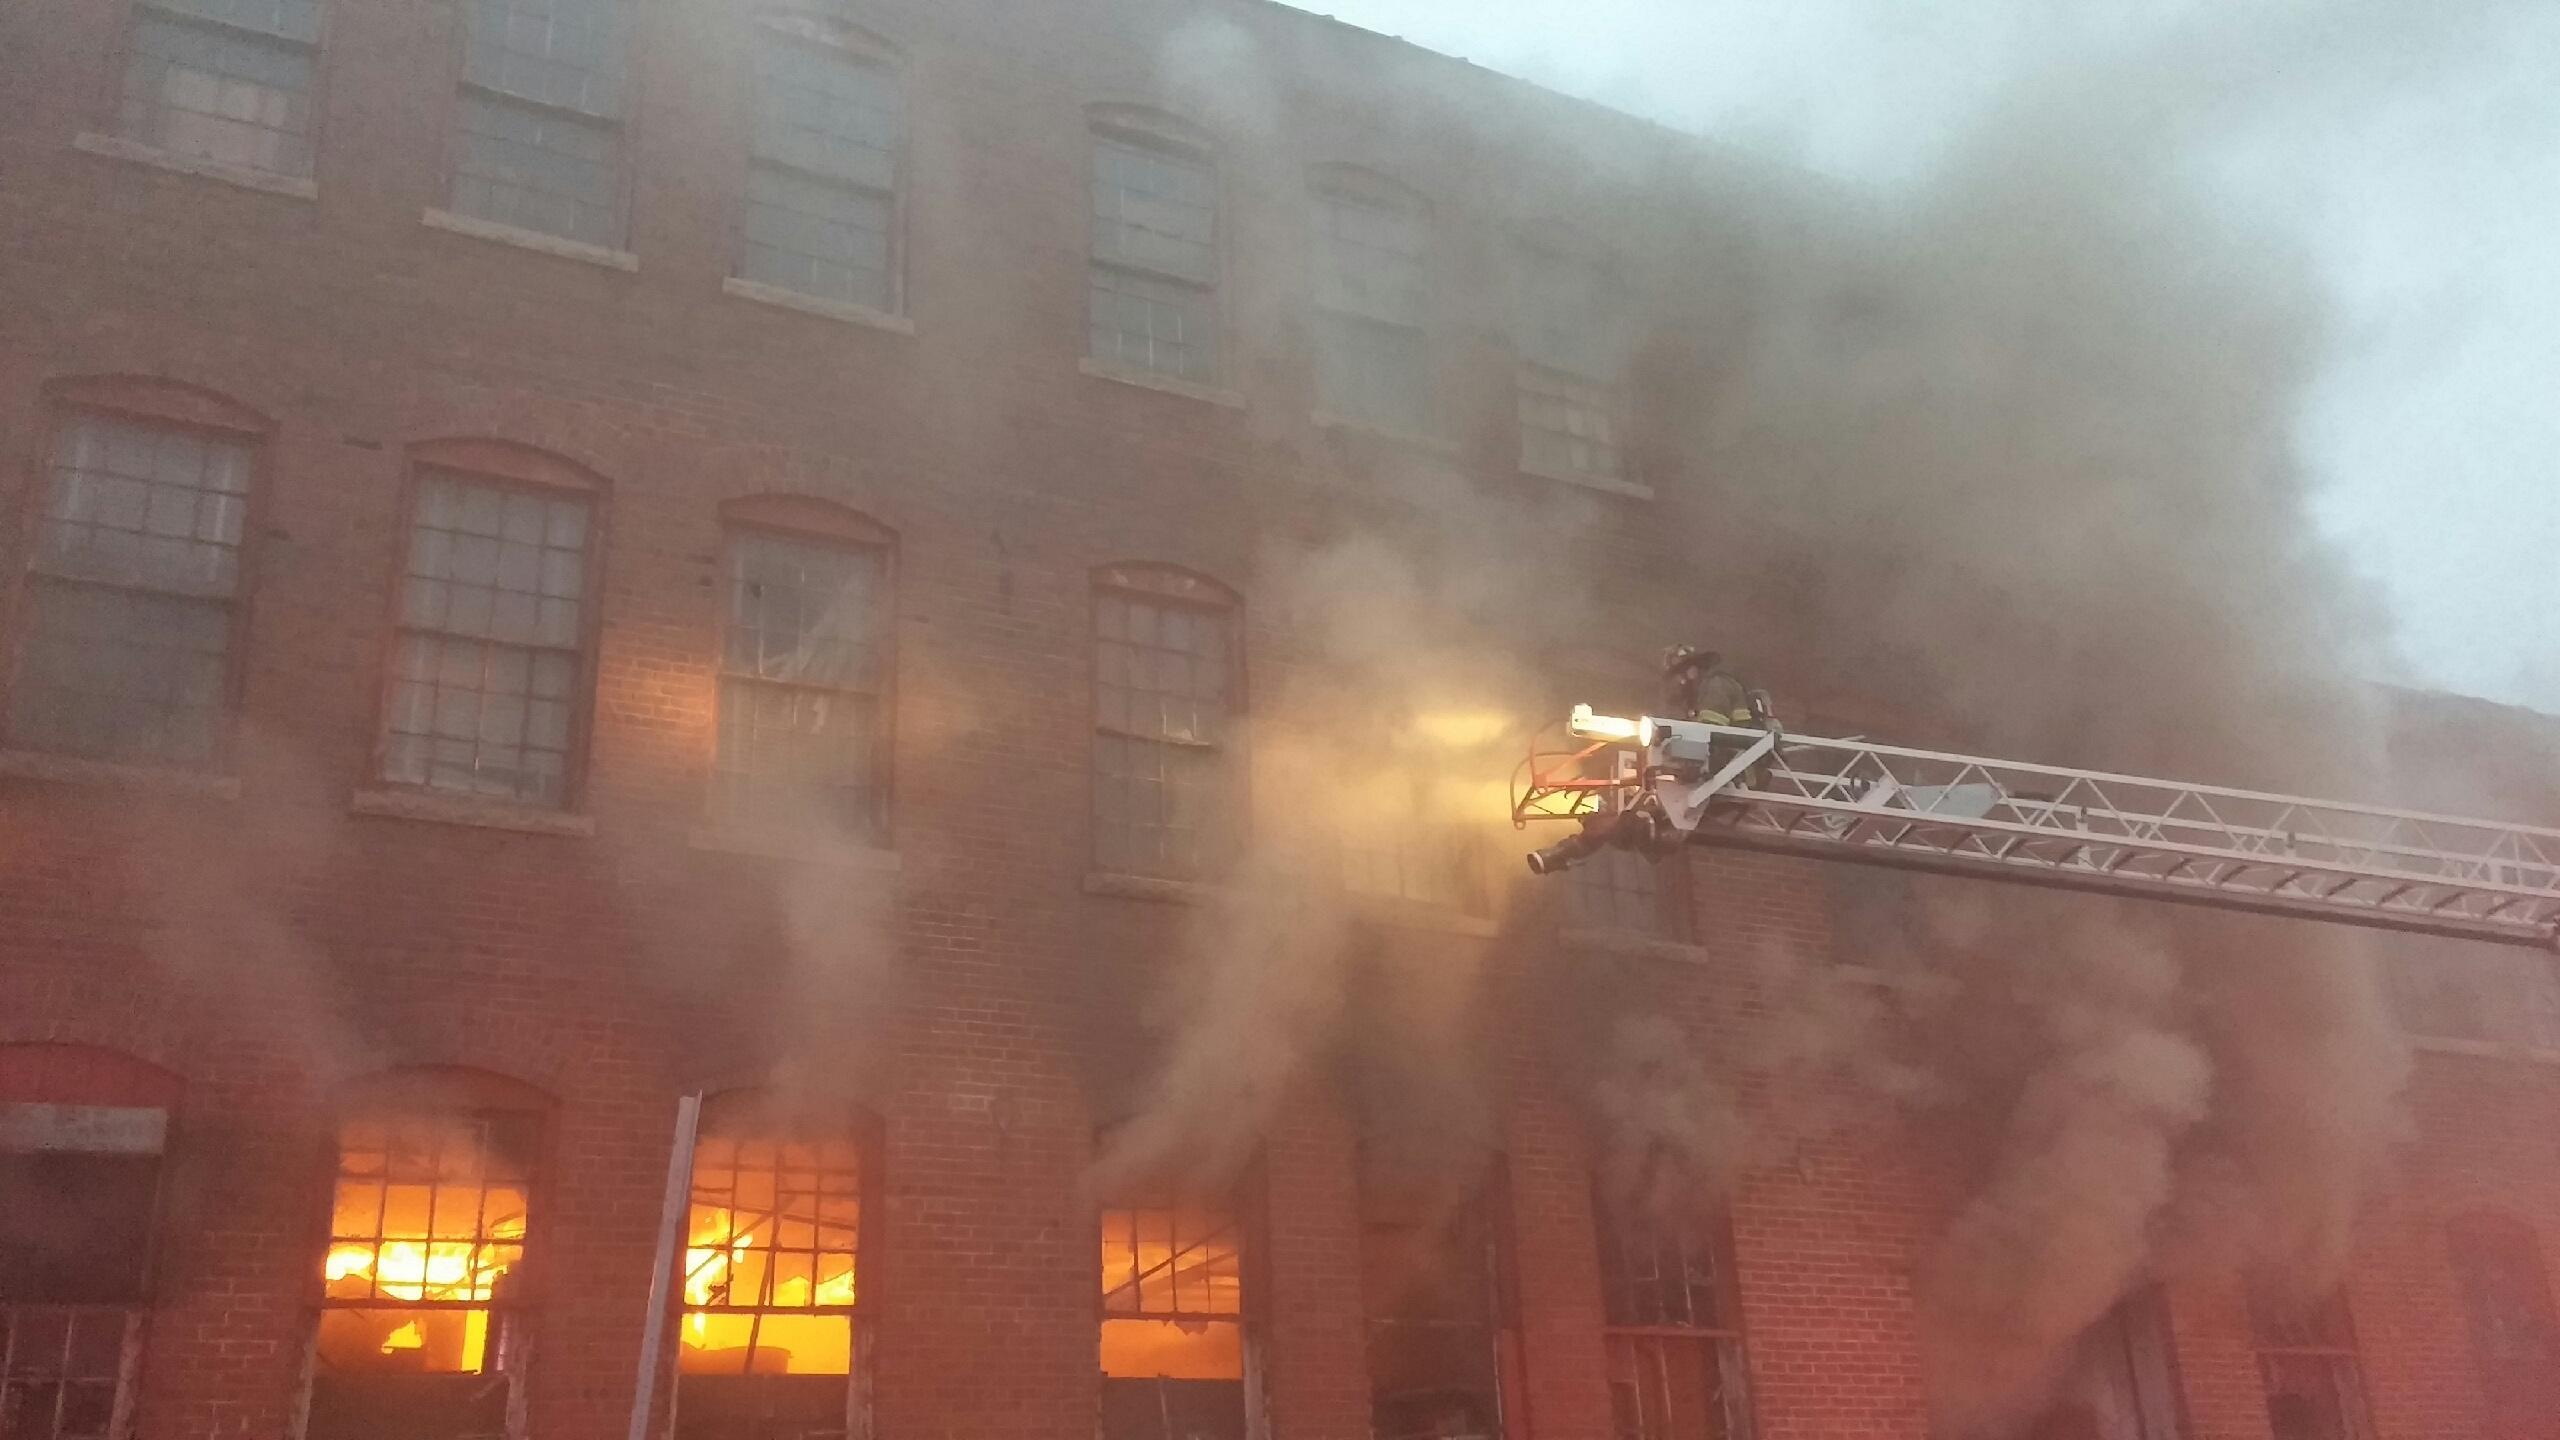 Warehouse Fire In Decatur Wandtv Com Newscenter17